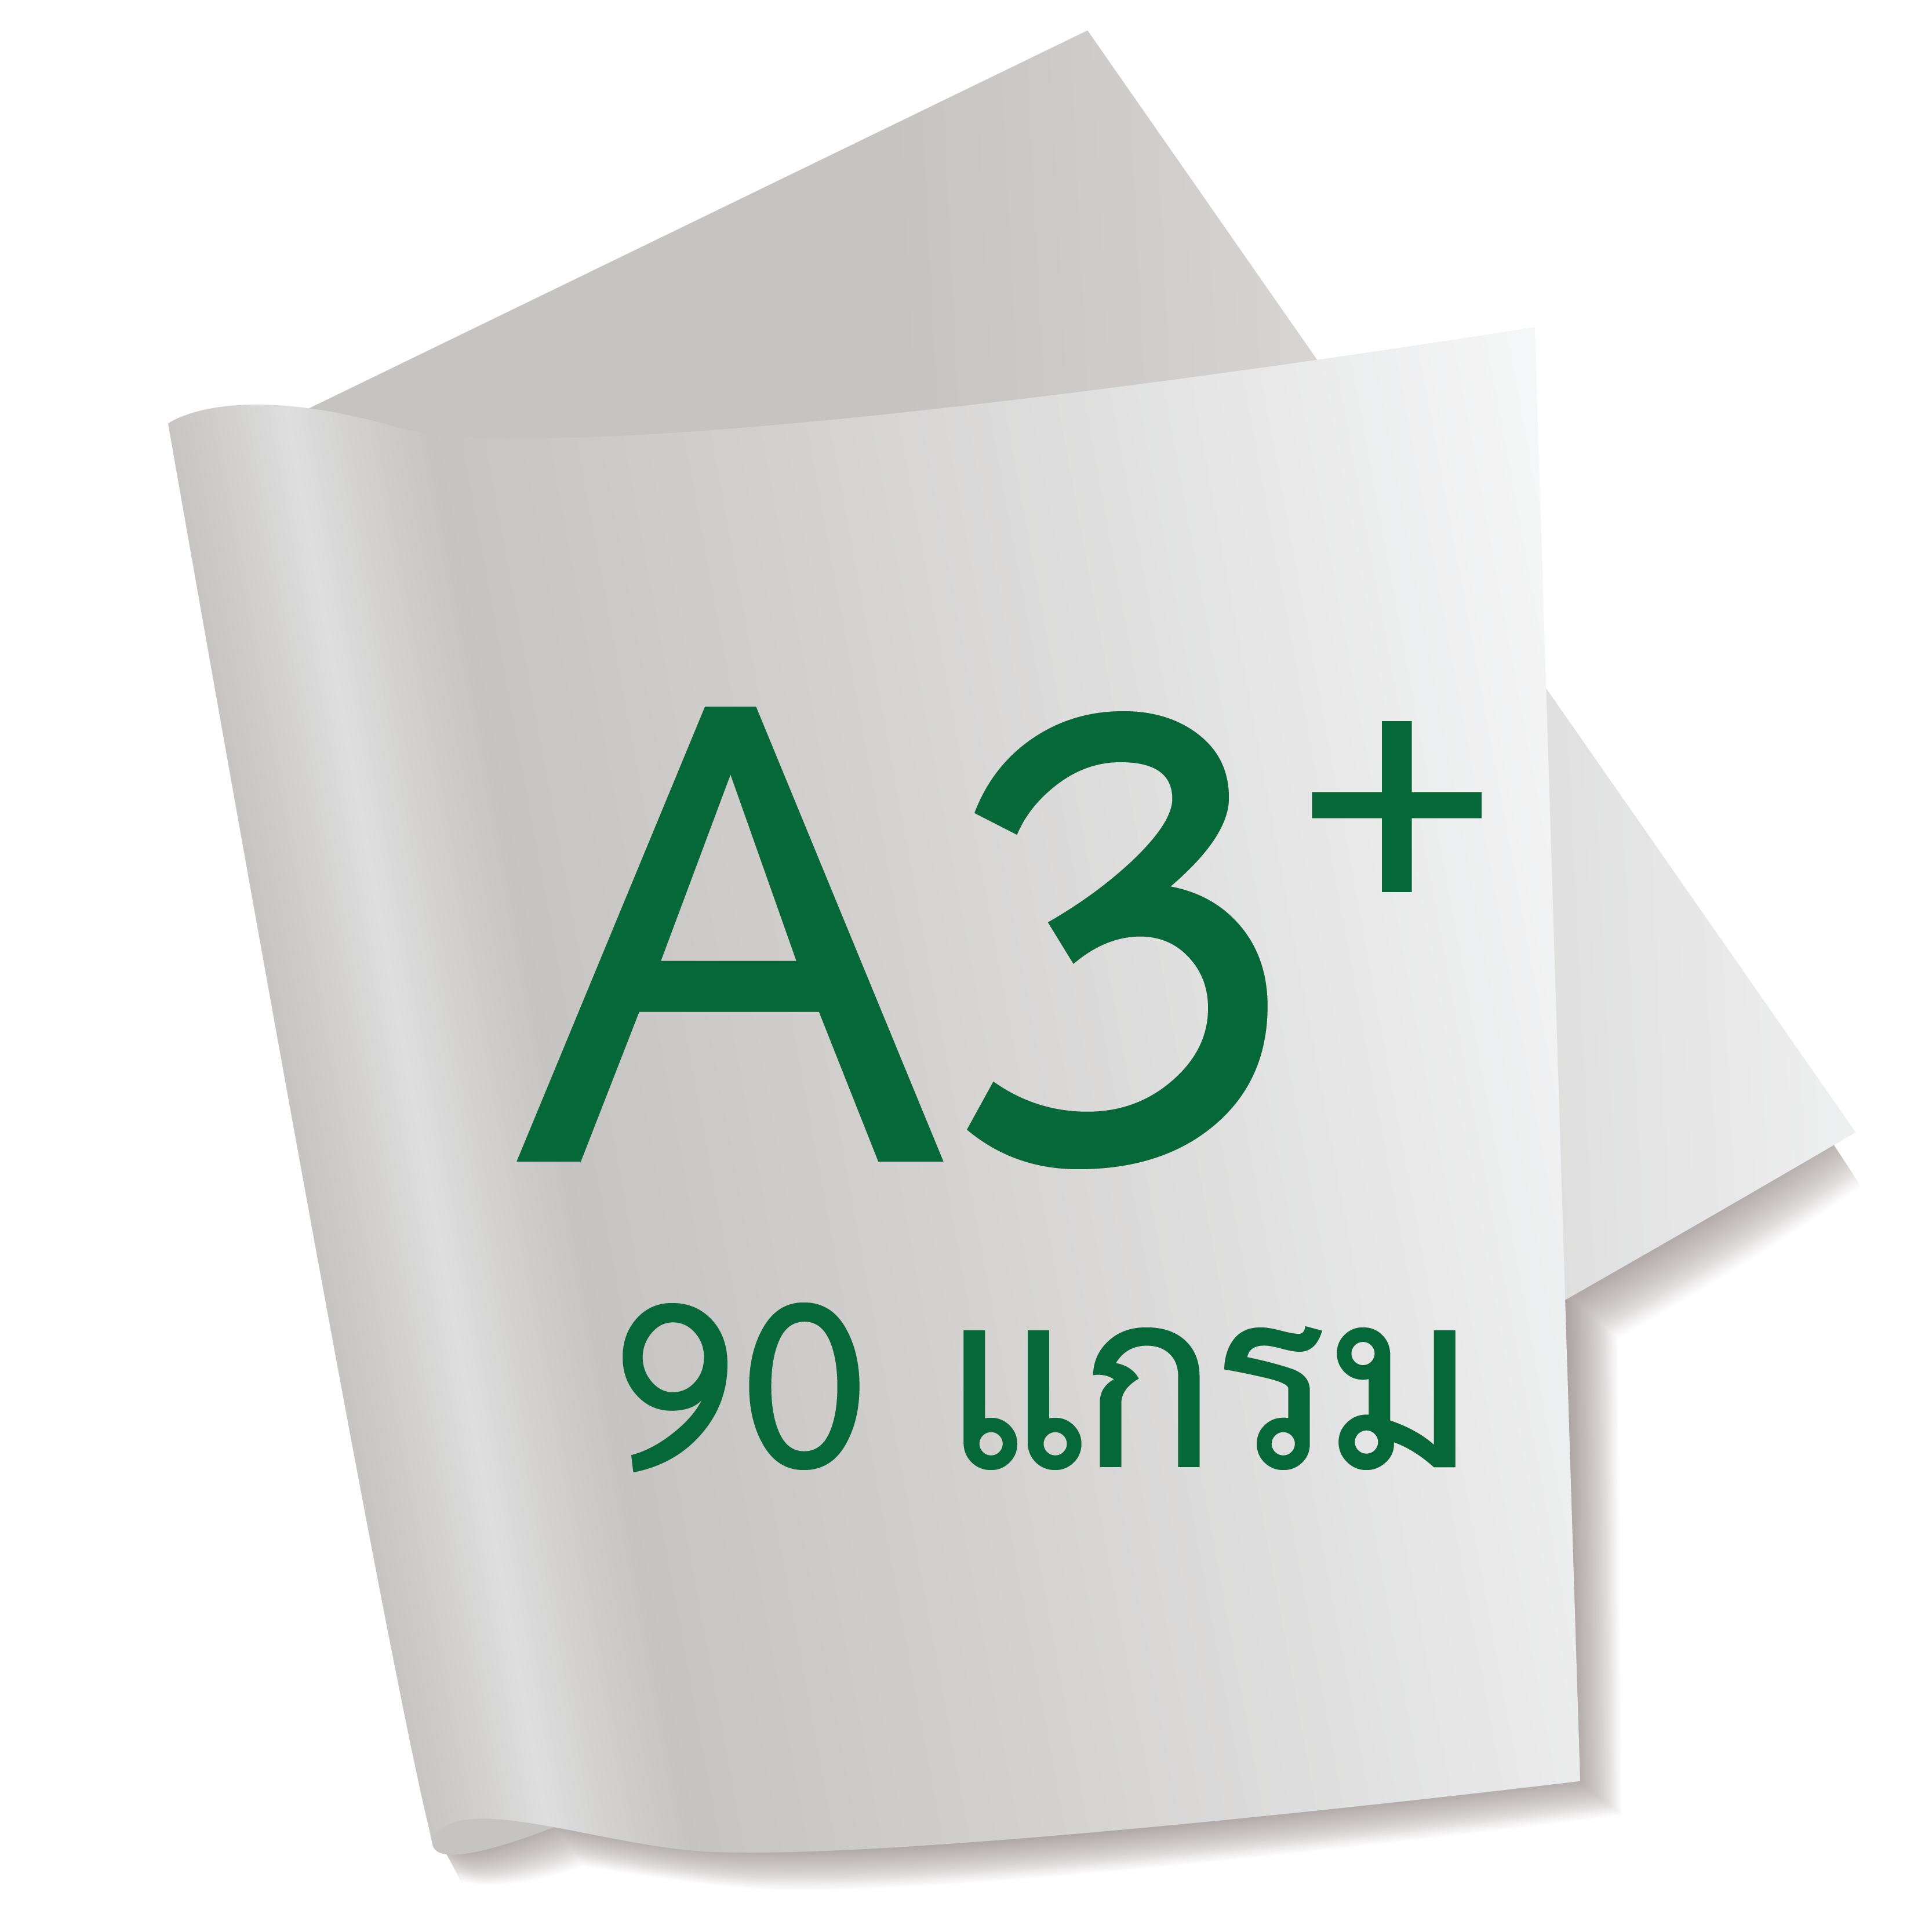 กระดาษอาร์ตด้าน 90 แกรม/A3+ (500 แผ่น)